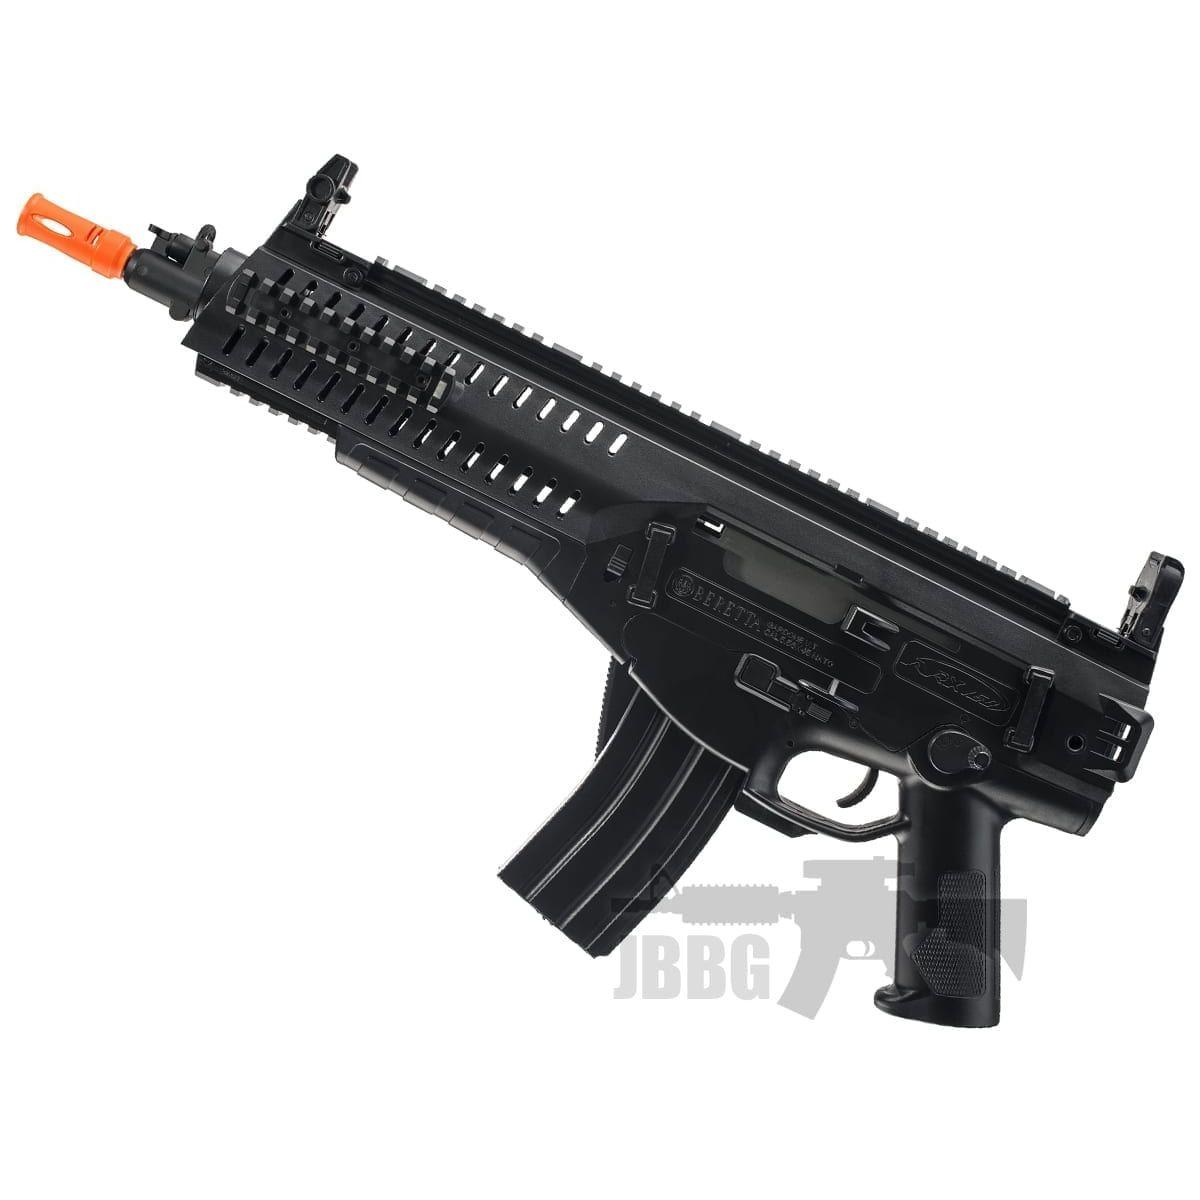 arx160 airsoft gun